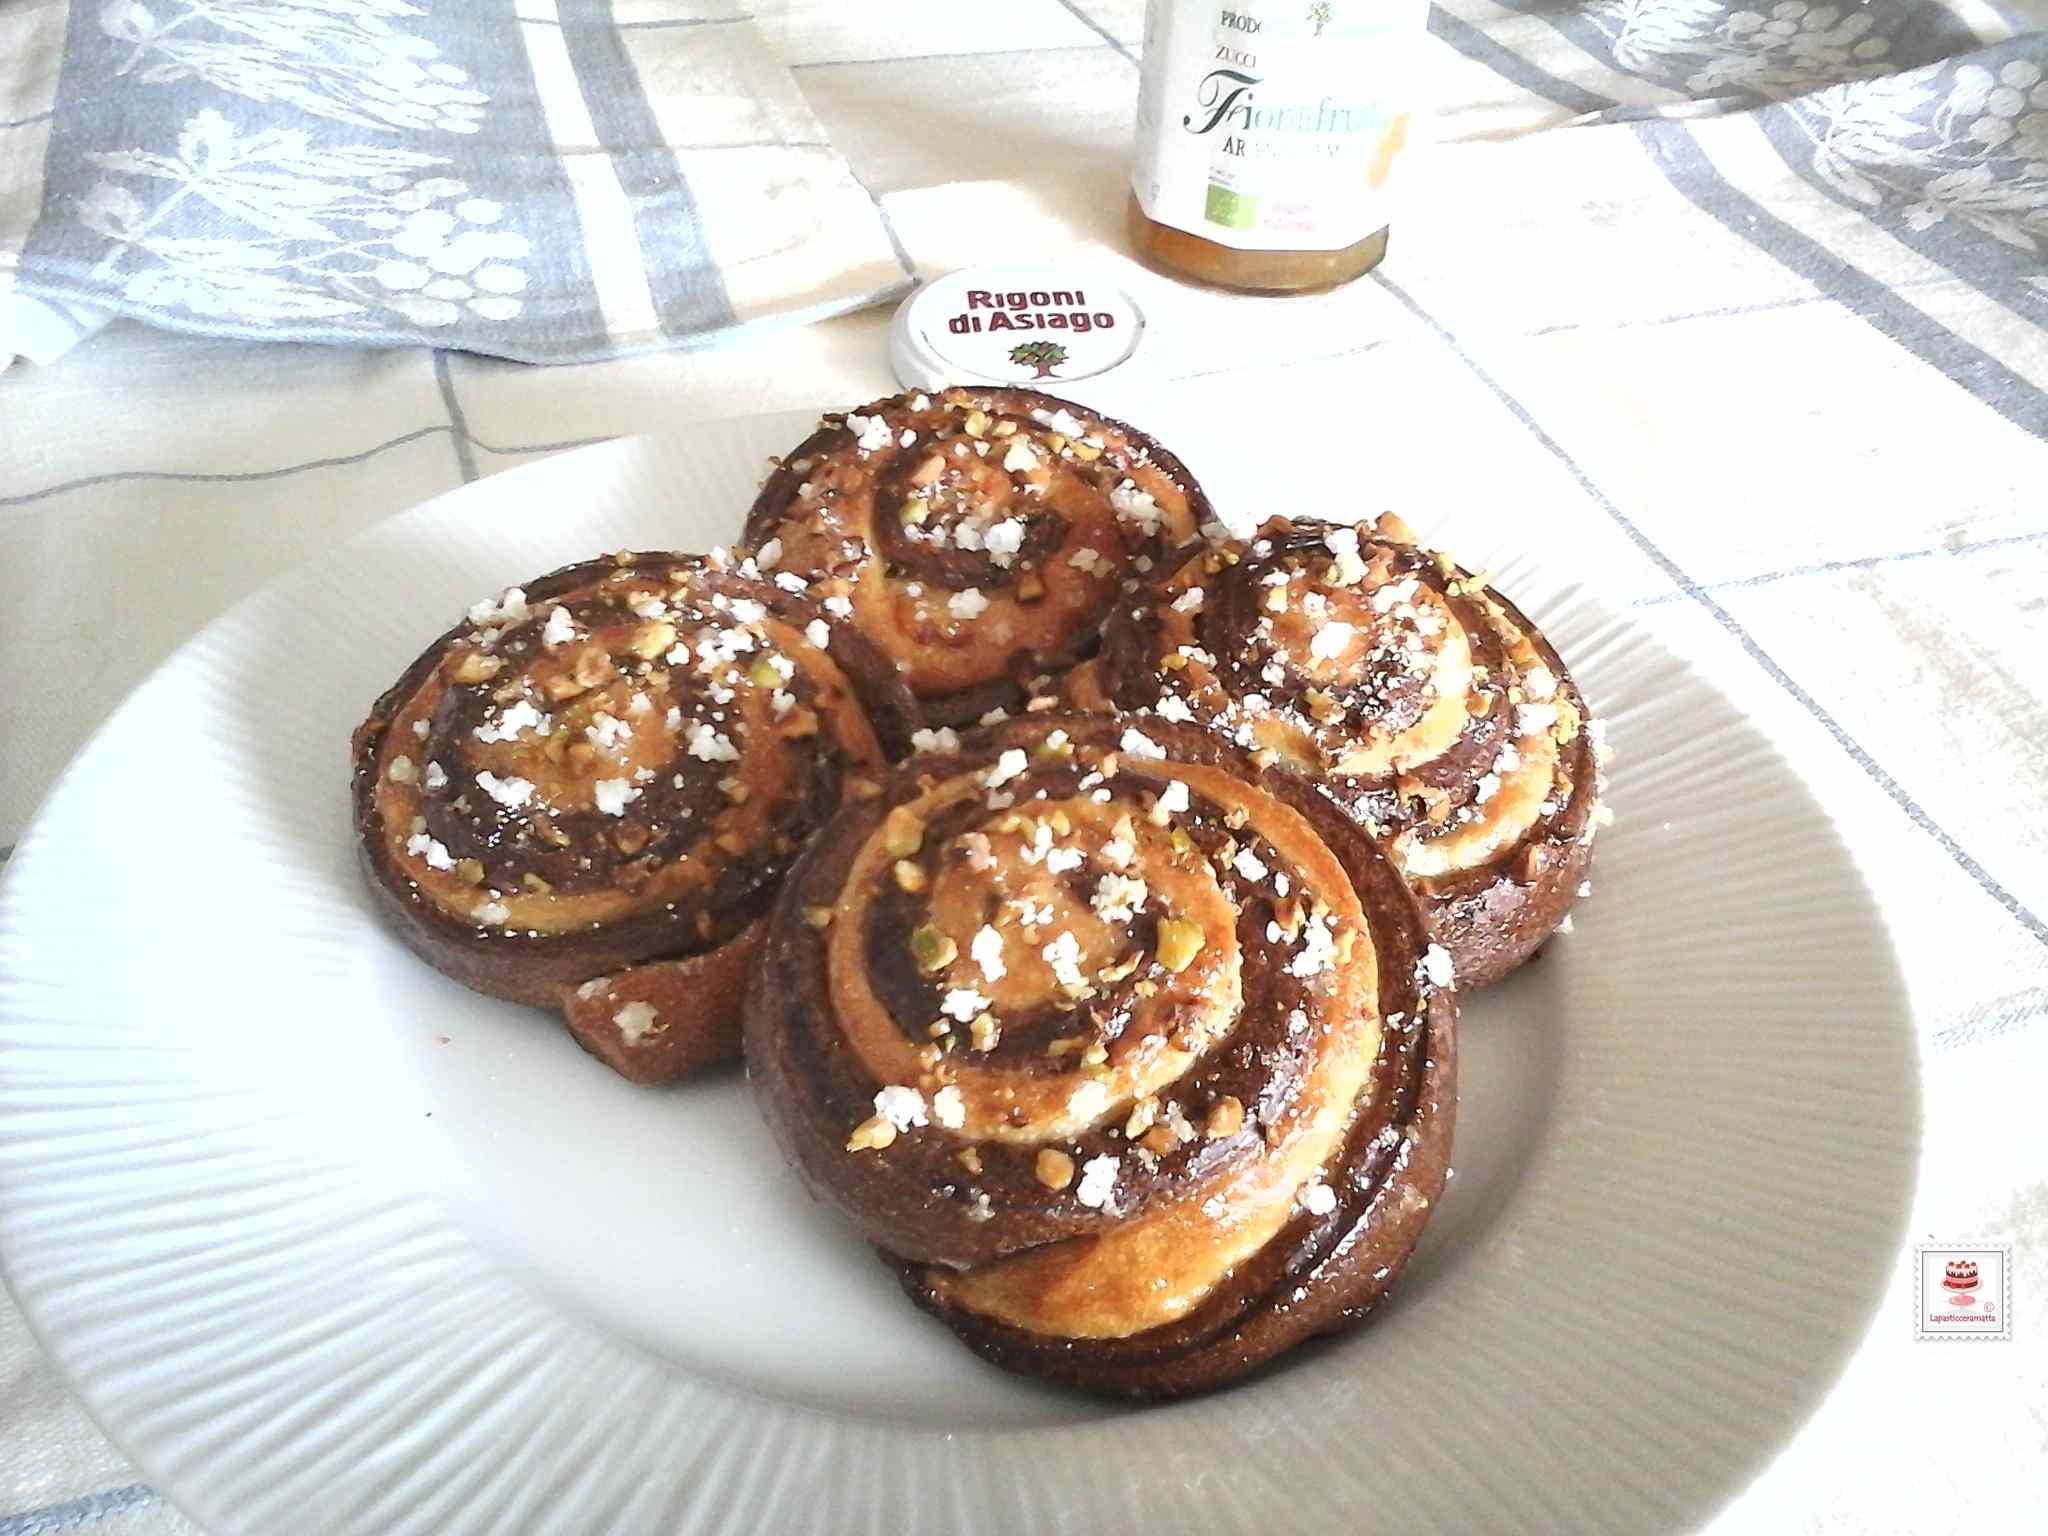 Ricetta: Girelle bicolore al cacao con lievito madre e marmellata di arance amare biologica